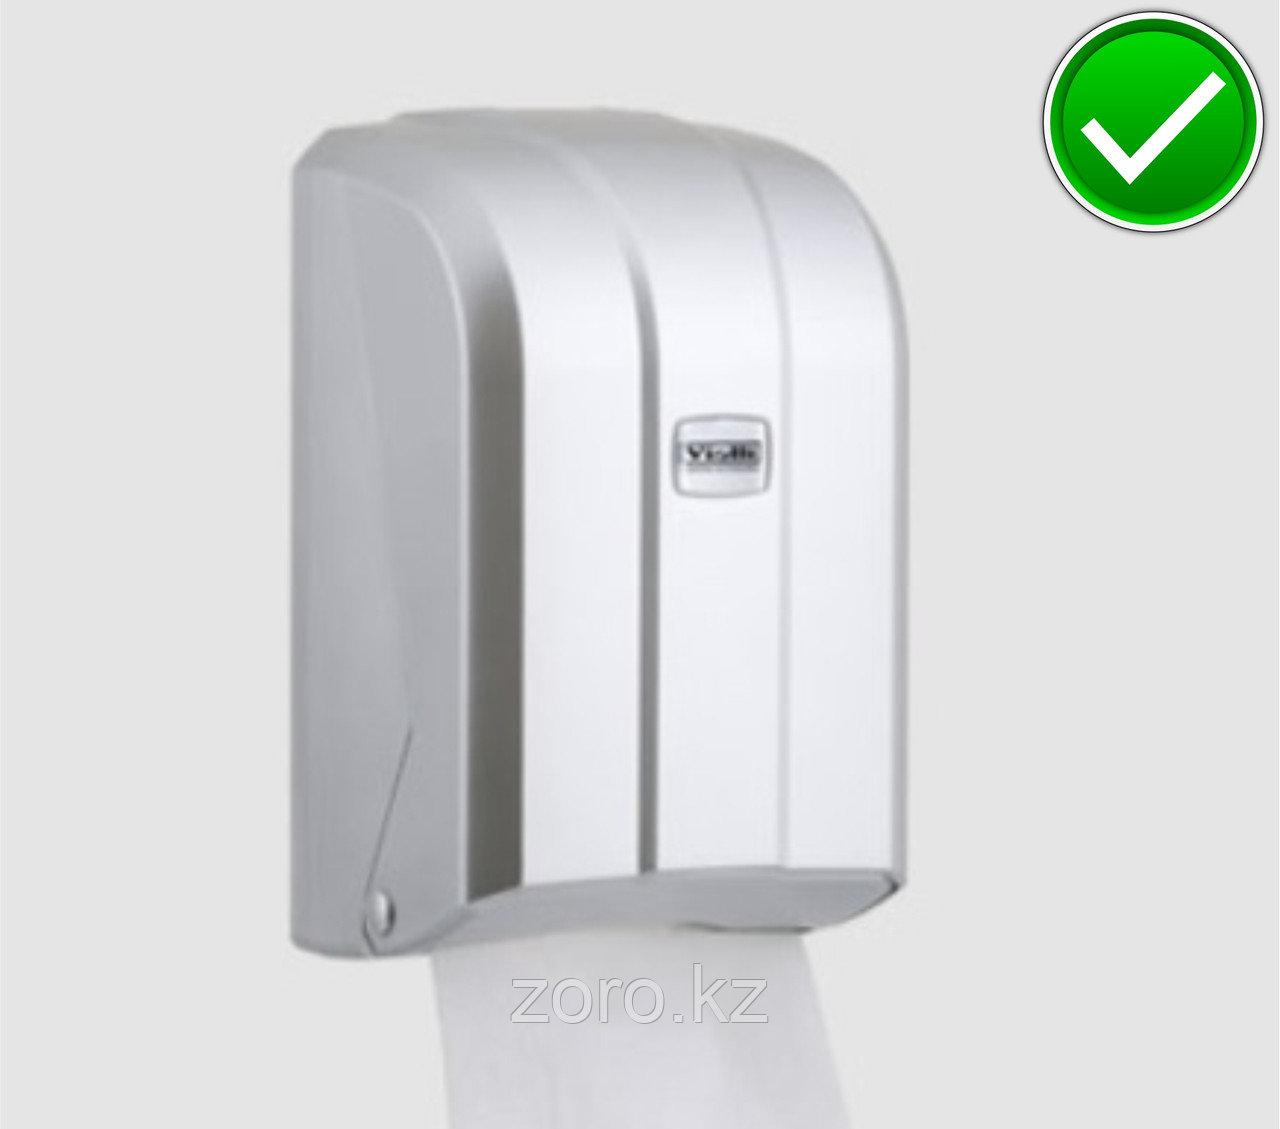 Диспенсер для листовой туалетной бумаги пластиковый серый Турция